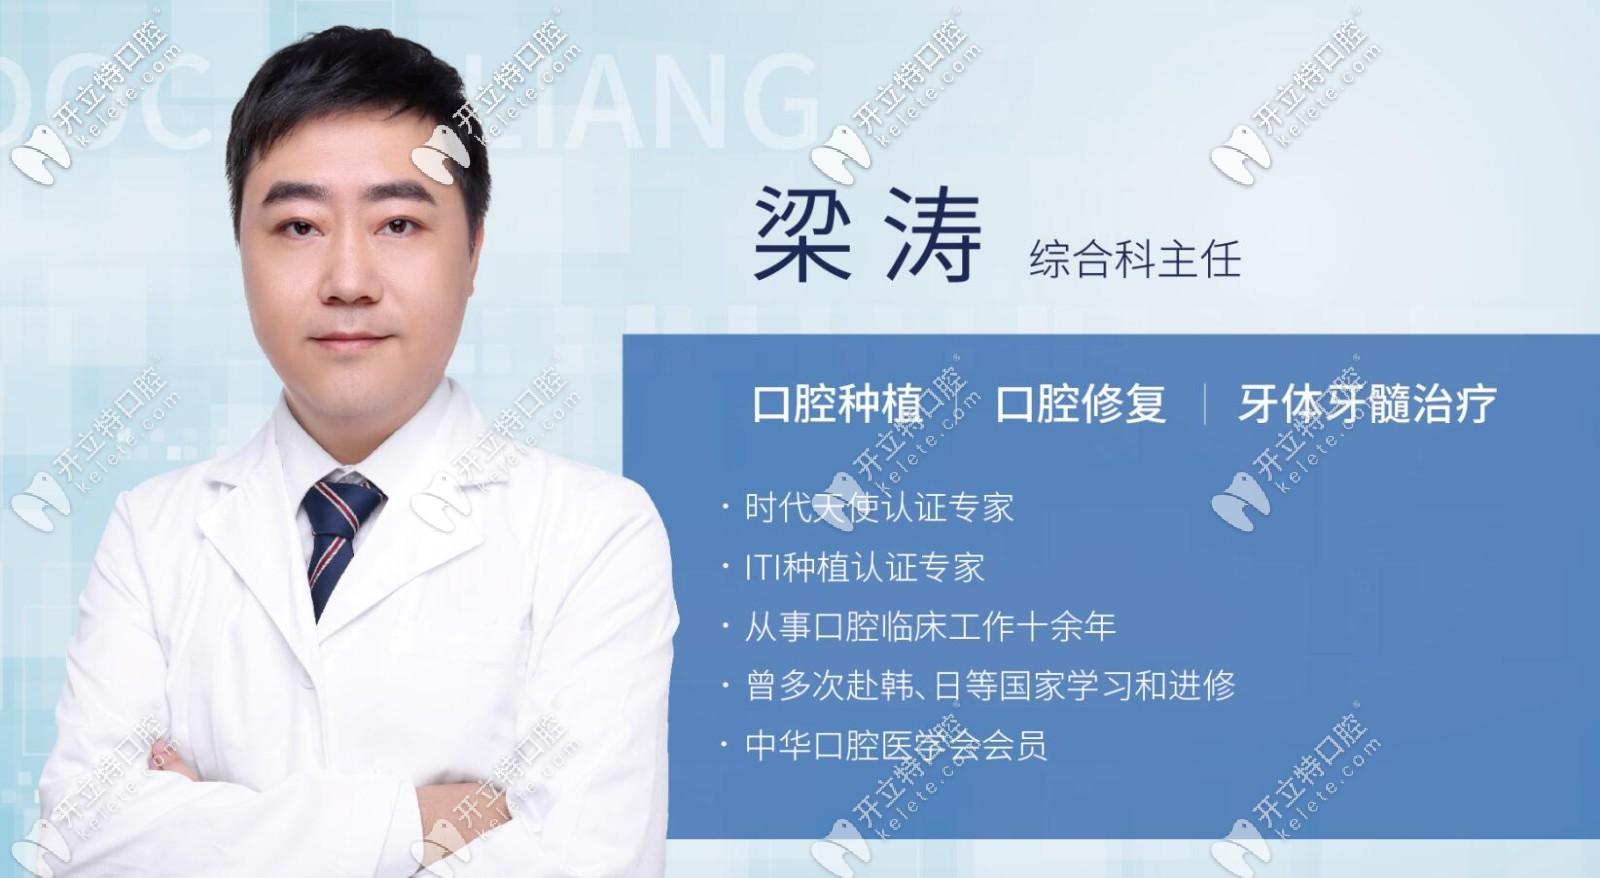 杭州(国际)牙科医院梁涛